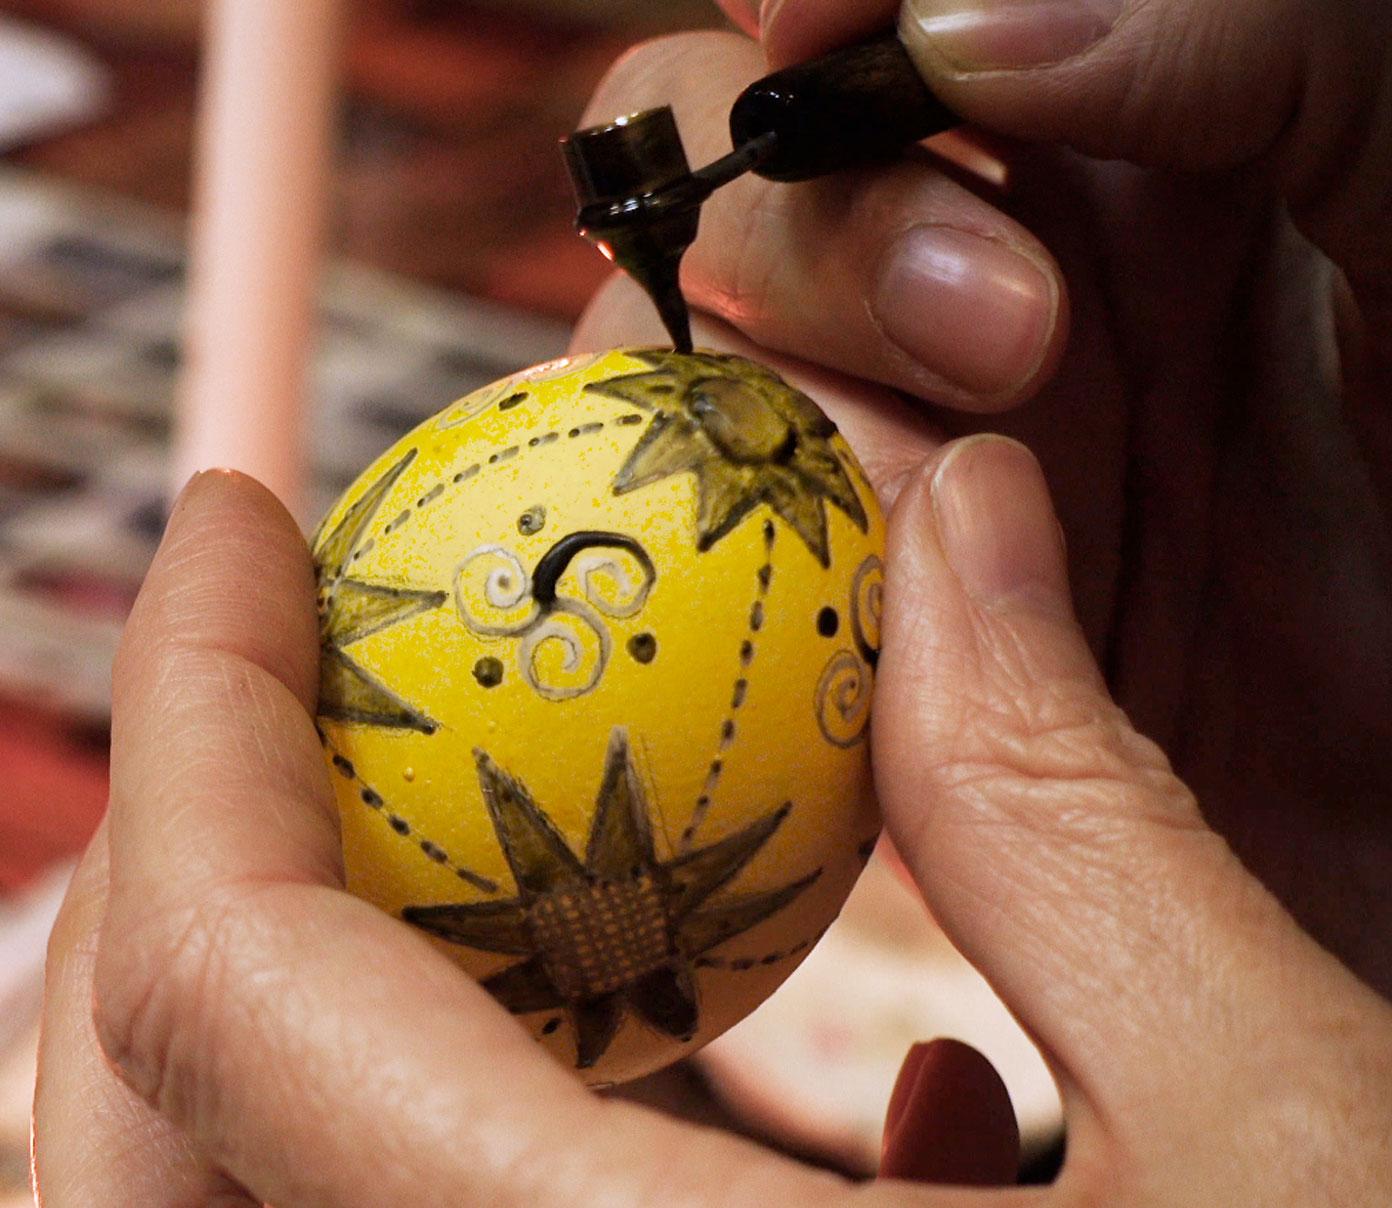 Taller de creació d'ous de Pasqua al Thyssen